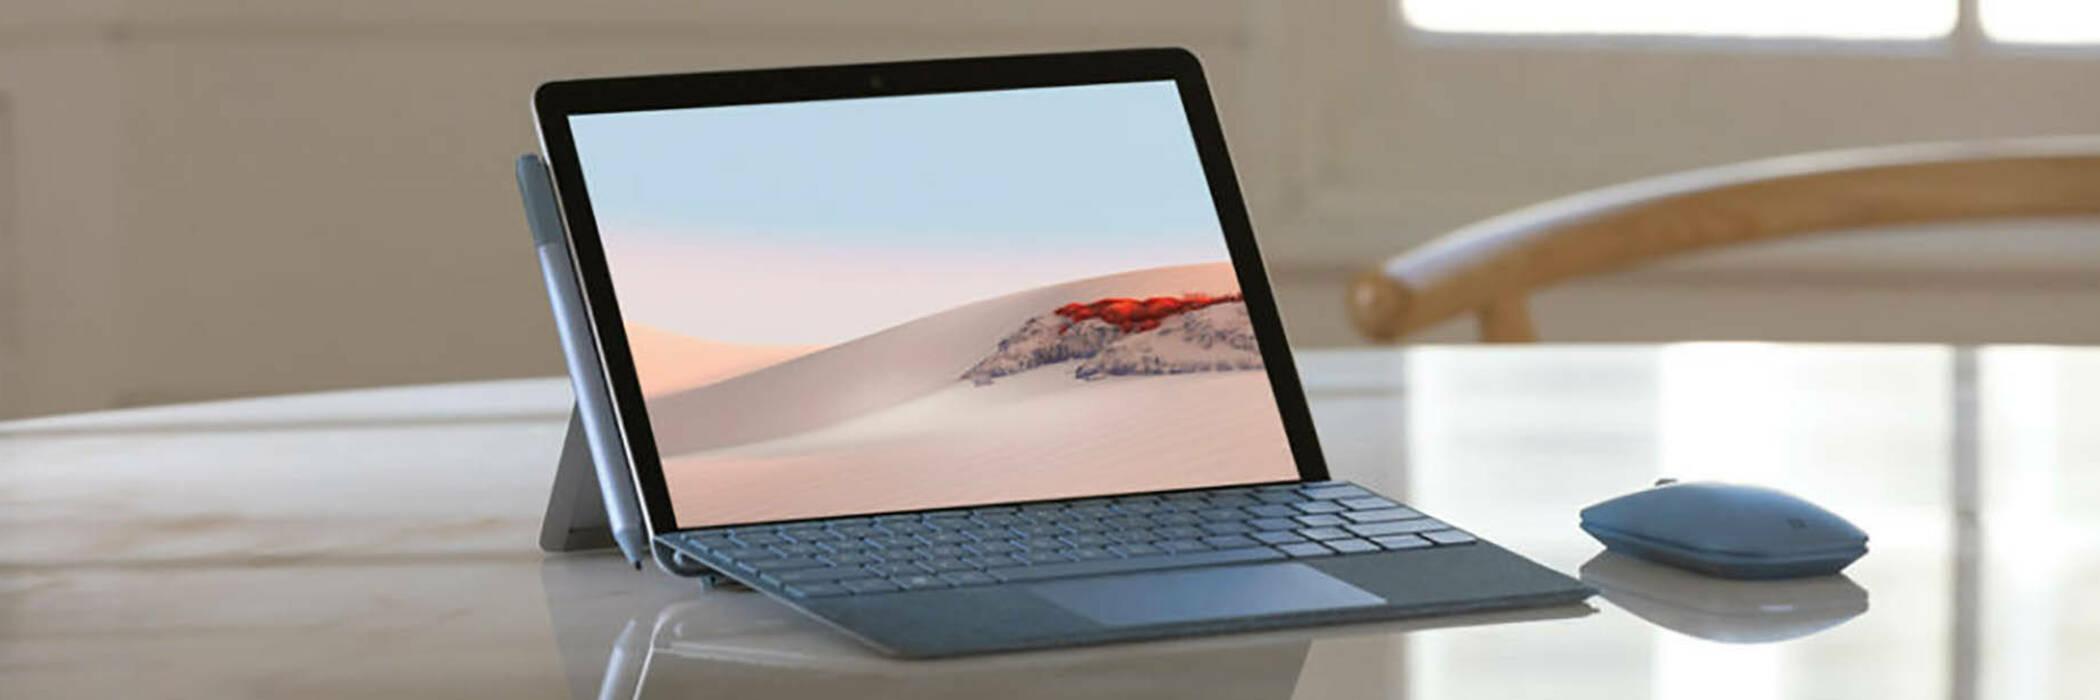 Surface go 2 header